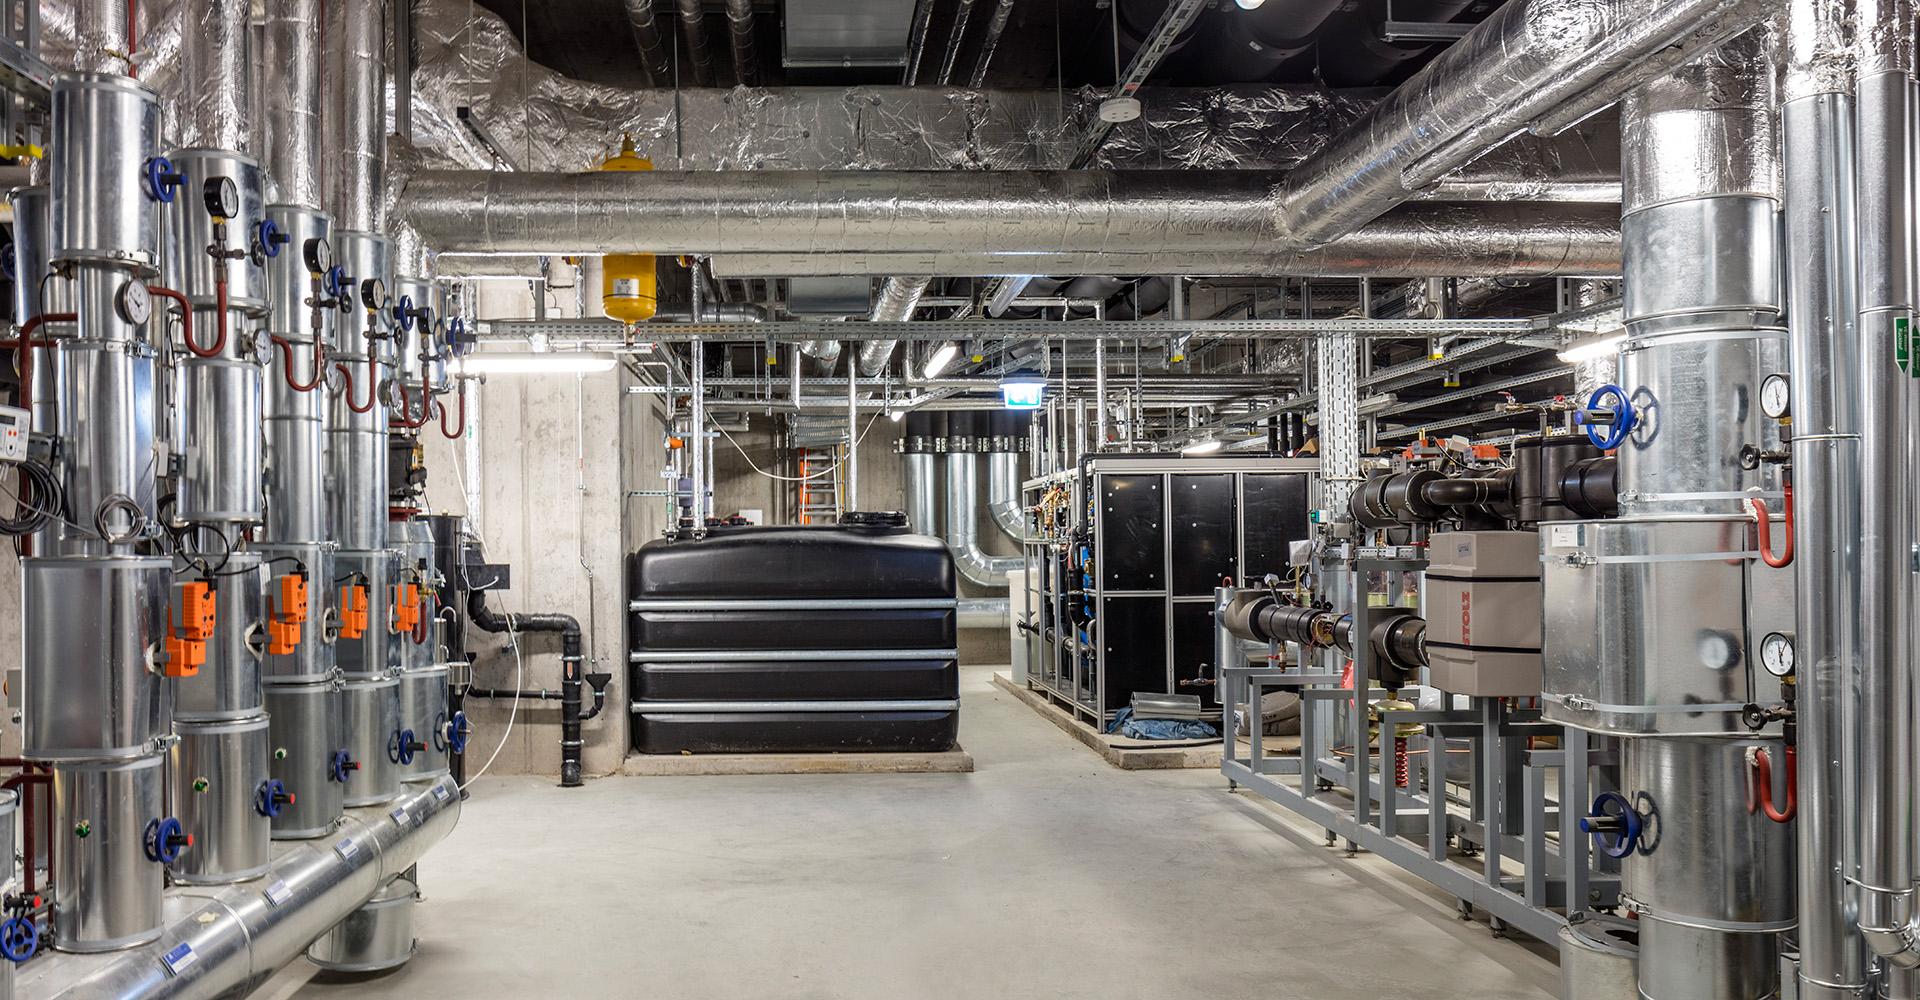 Max-Planck-Institut Für Intelligente Systeme (MPI IS) In Tübingen 2 - ArGe Architekten